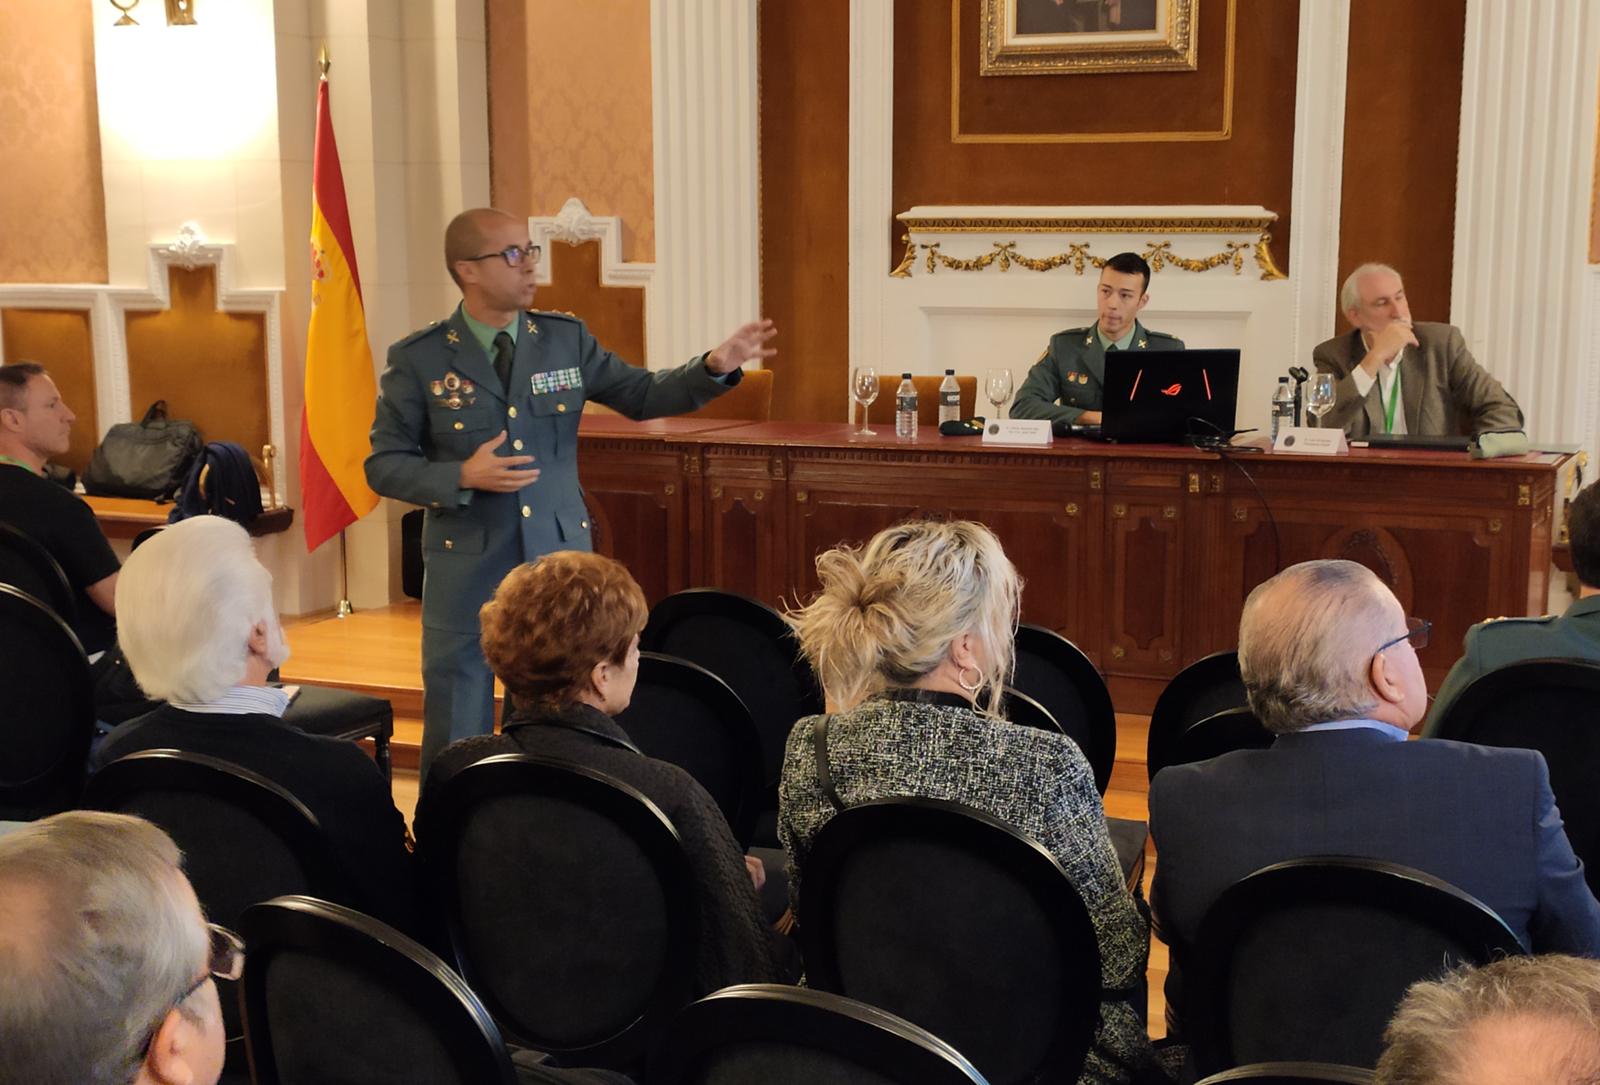 Los Veteranos en el panorama internacional de los Cuerpos y Fuerzas de Seguridad